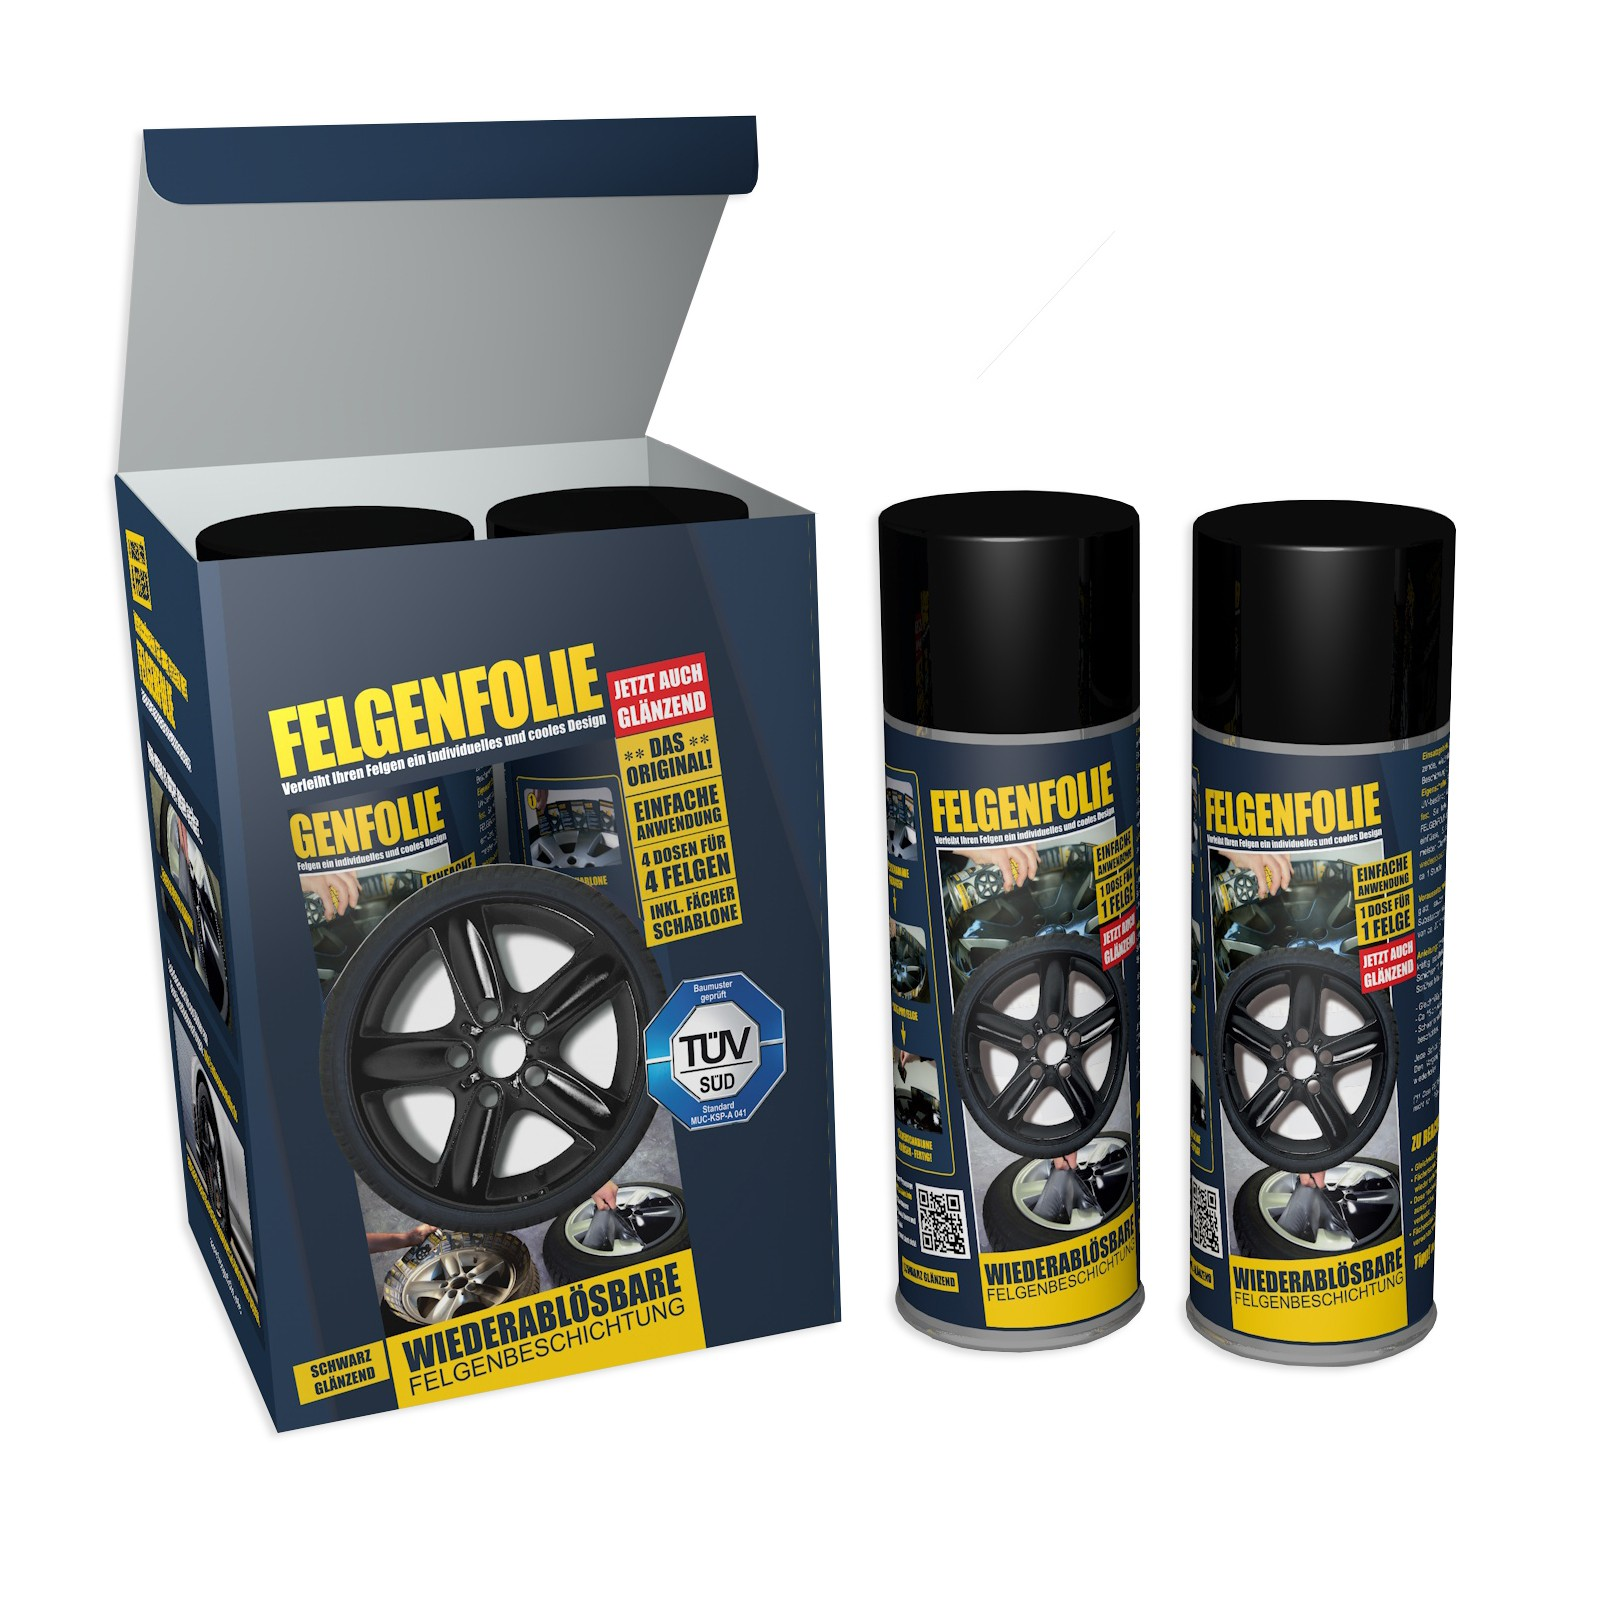 Felgenfolie Mibenco schwarz glänzend (4 Dosen à 400 ml im Set) ... auch für Karosserie!